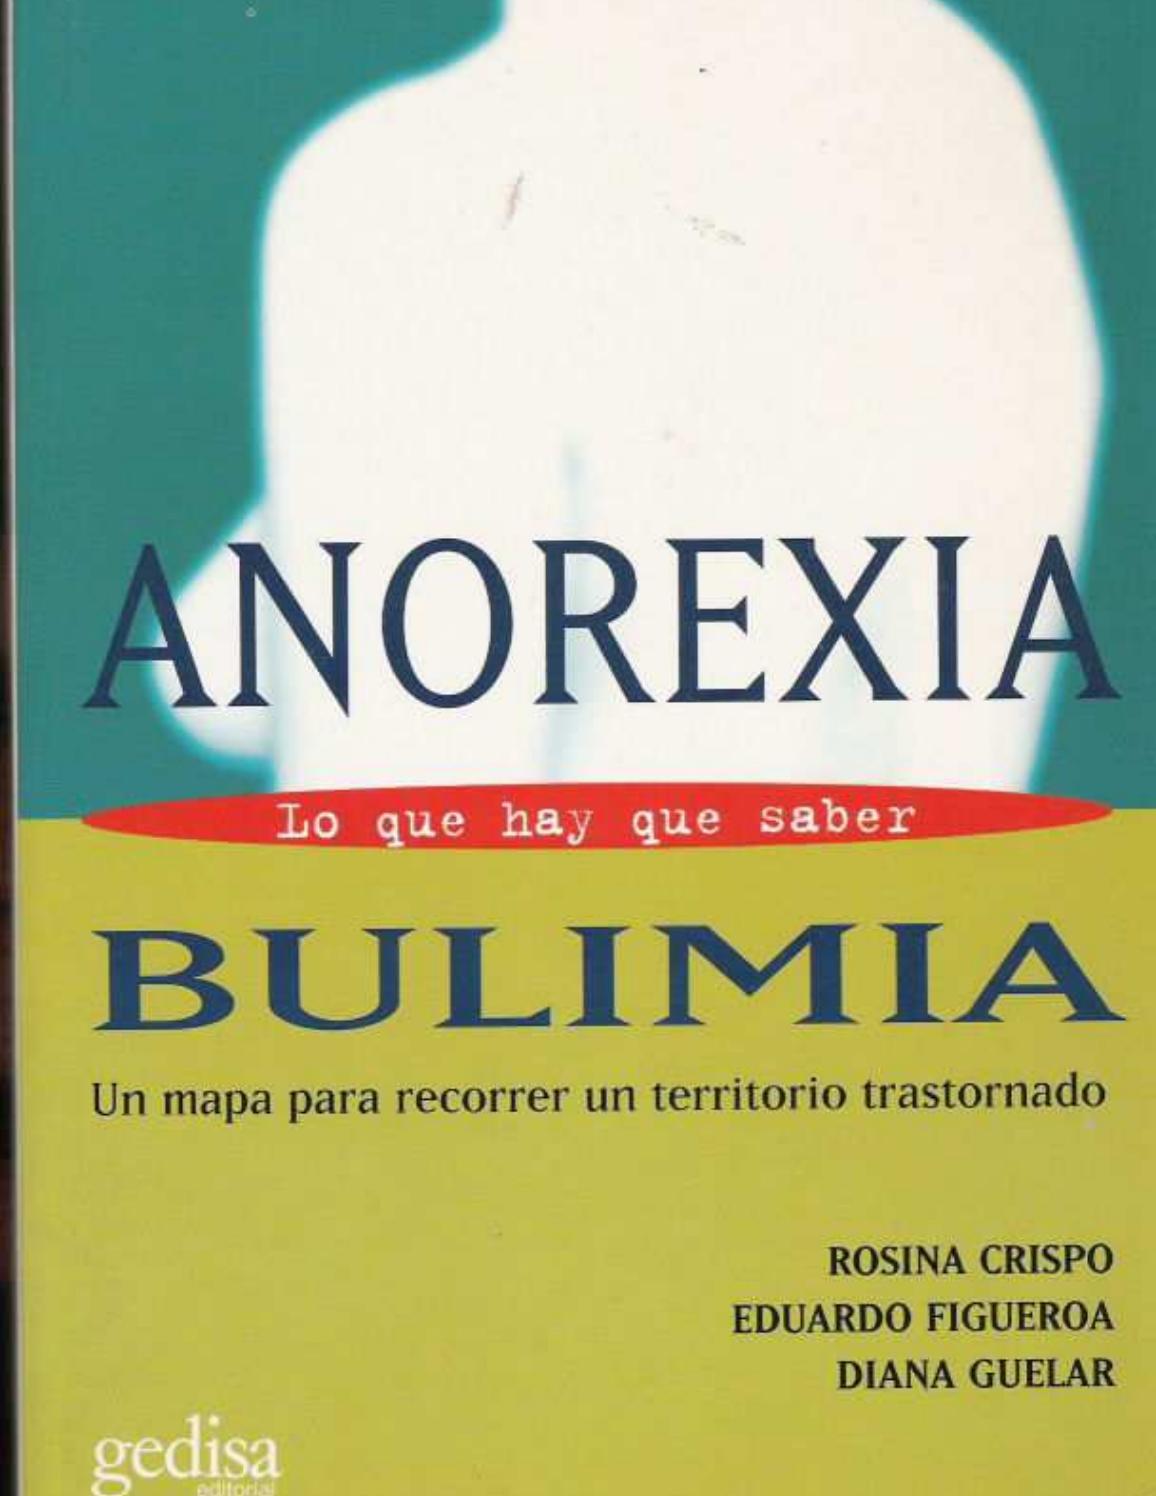 Dietas adelgazantes No, gracias. Obesidad tampoco y anorexia menos